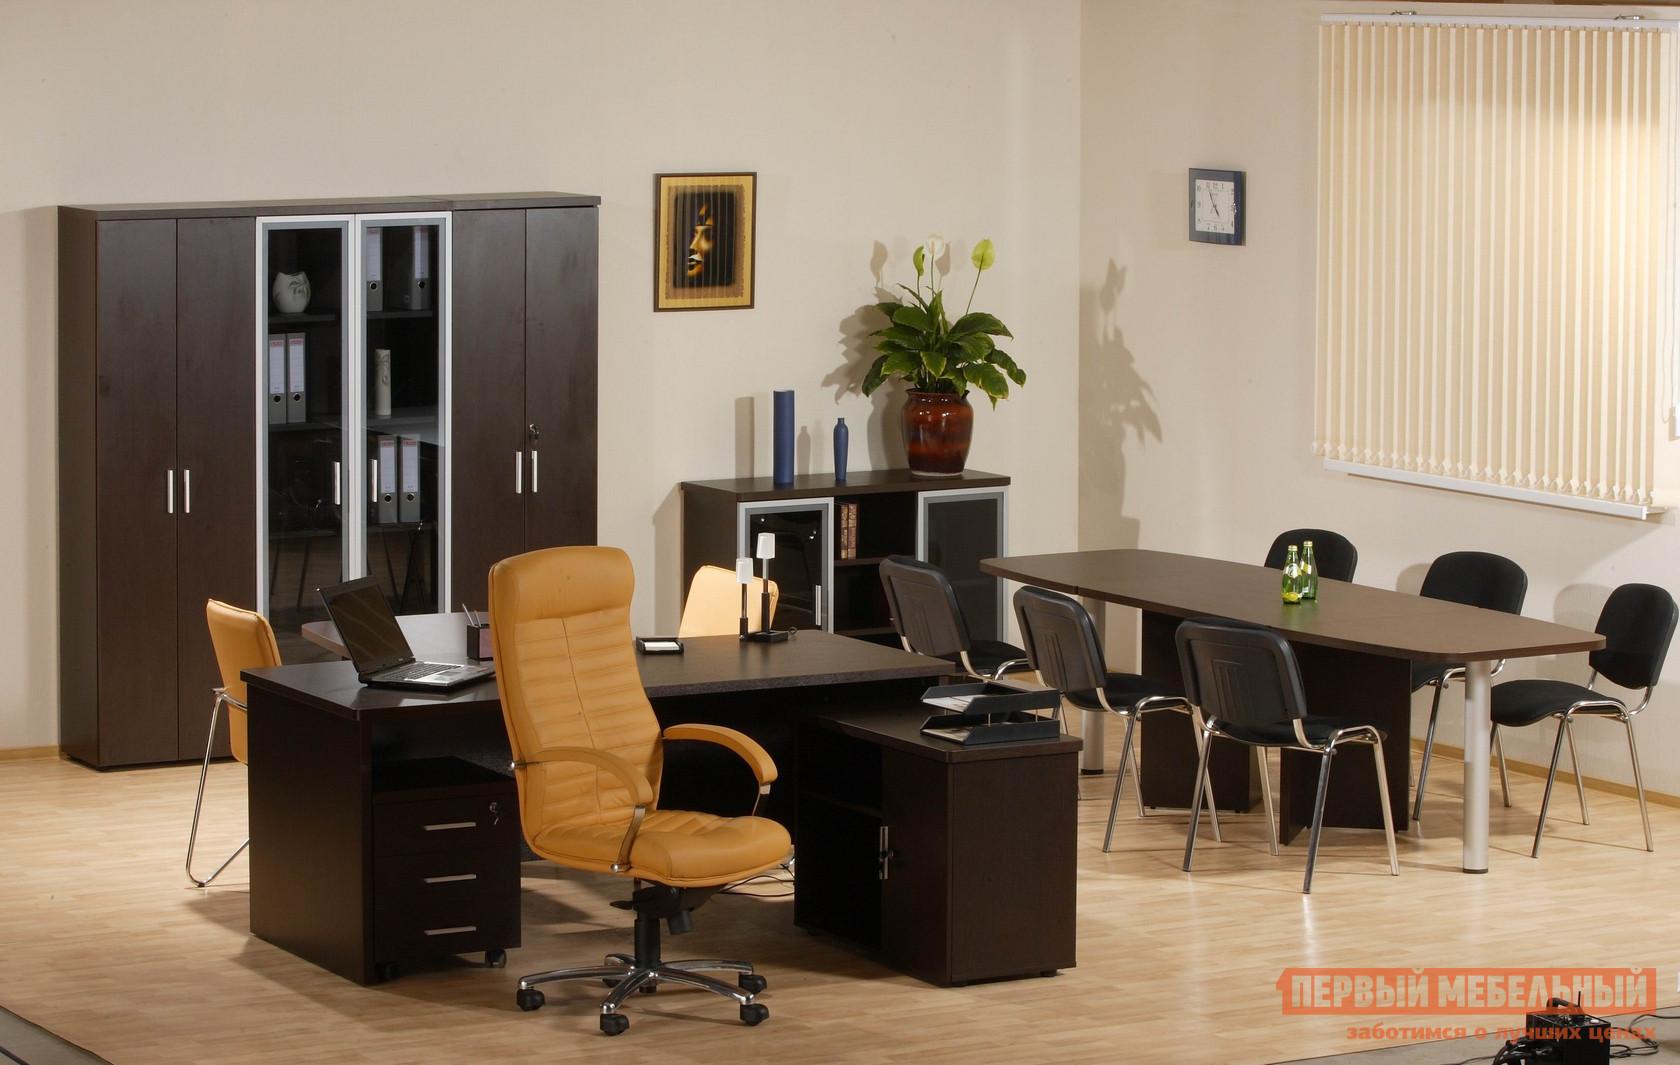 Комплект офисной мебели Витра Цезарь К1 комплект офисной мебели riva рива ресепшн к1